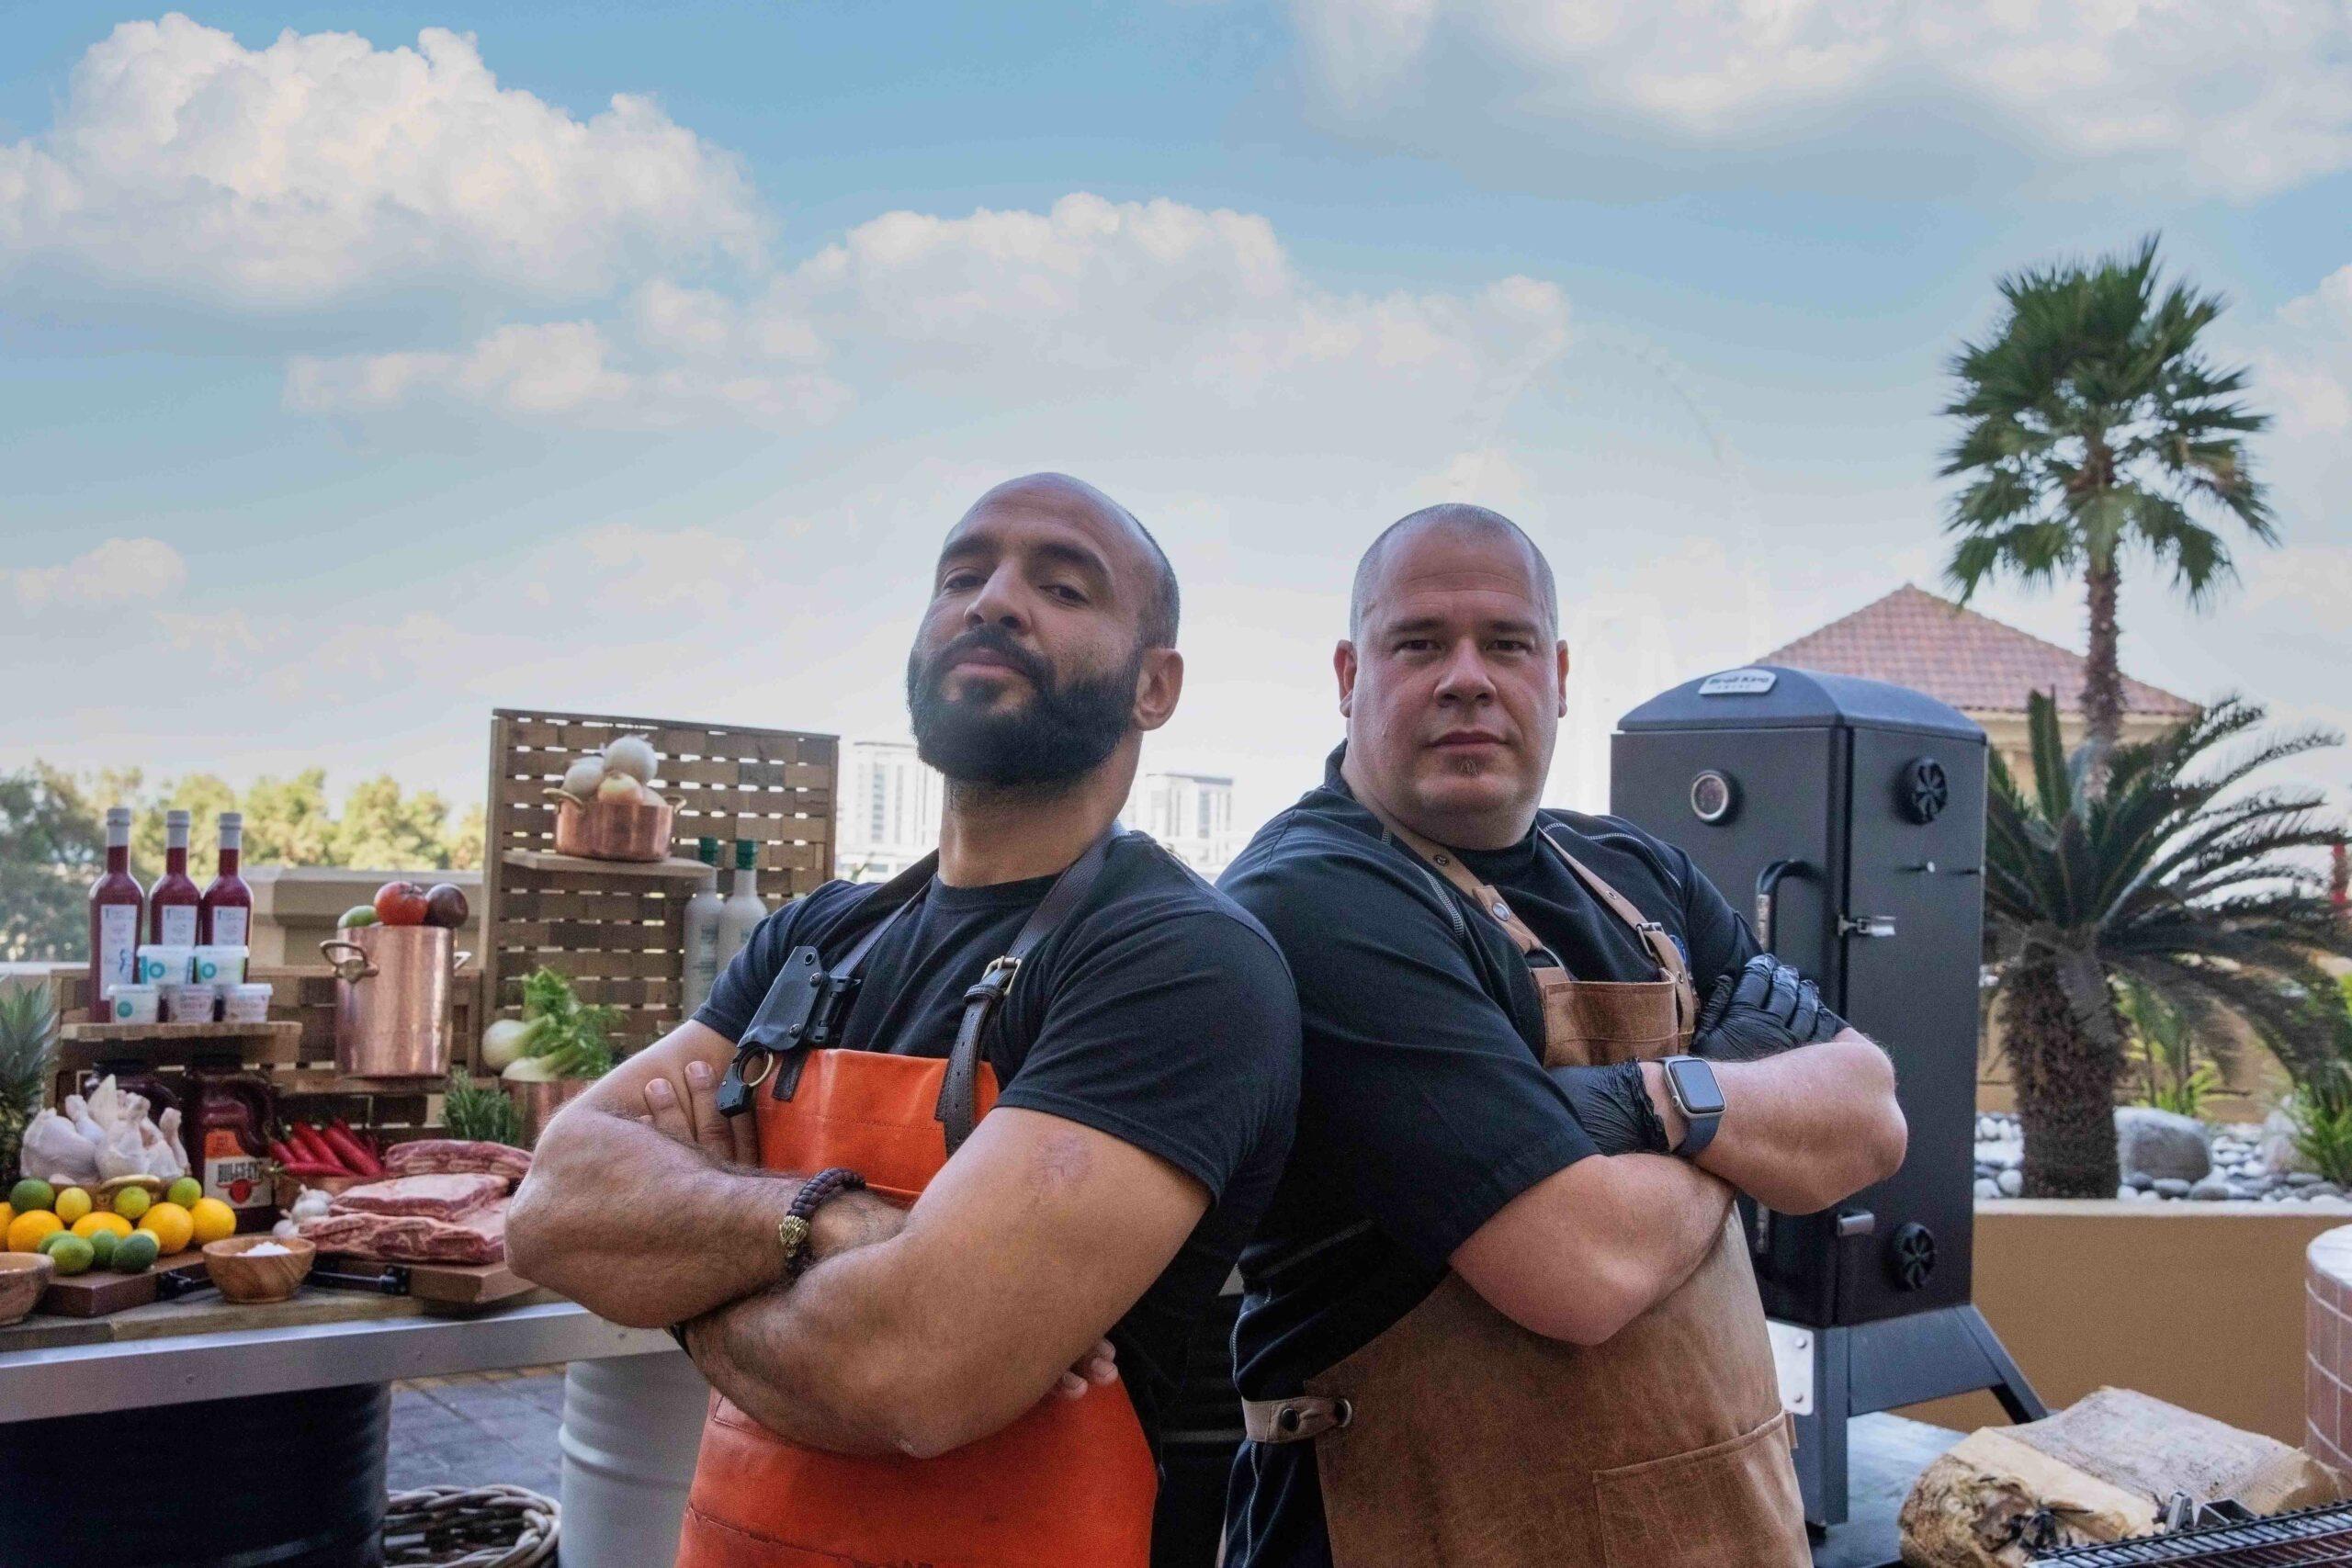 UAE's Best Amateur Barbecue Master